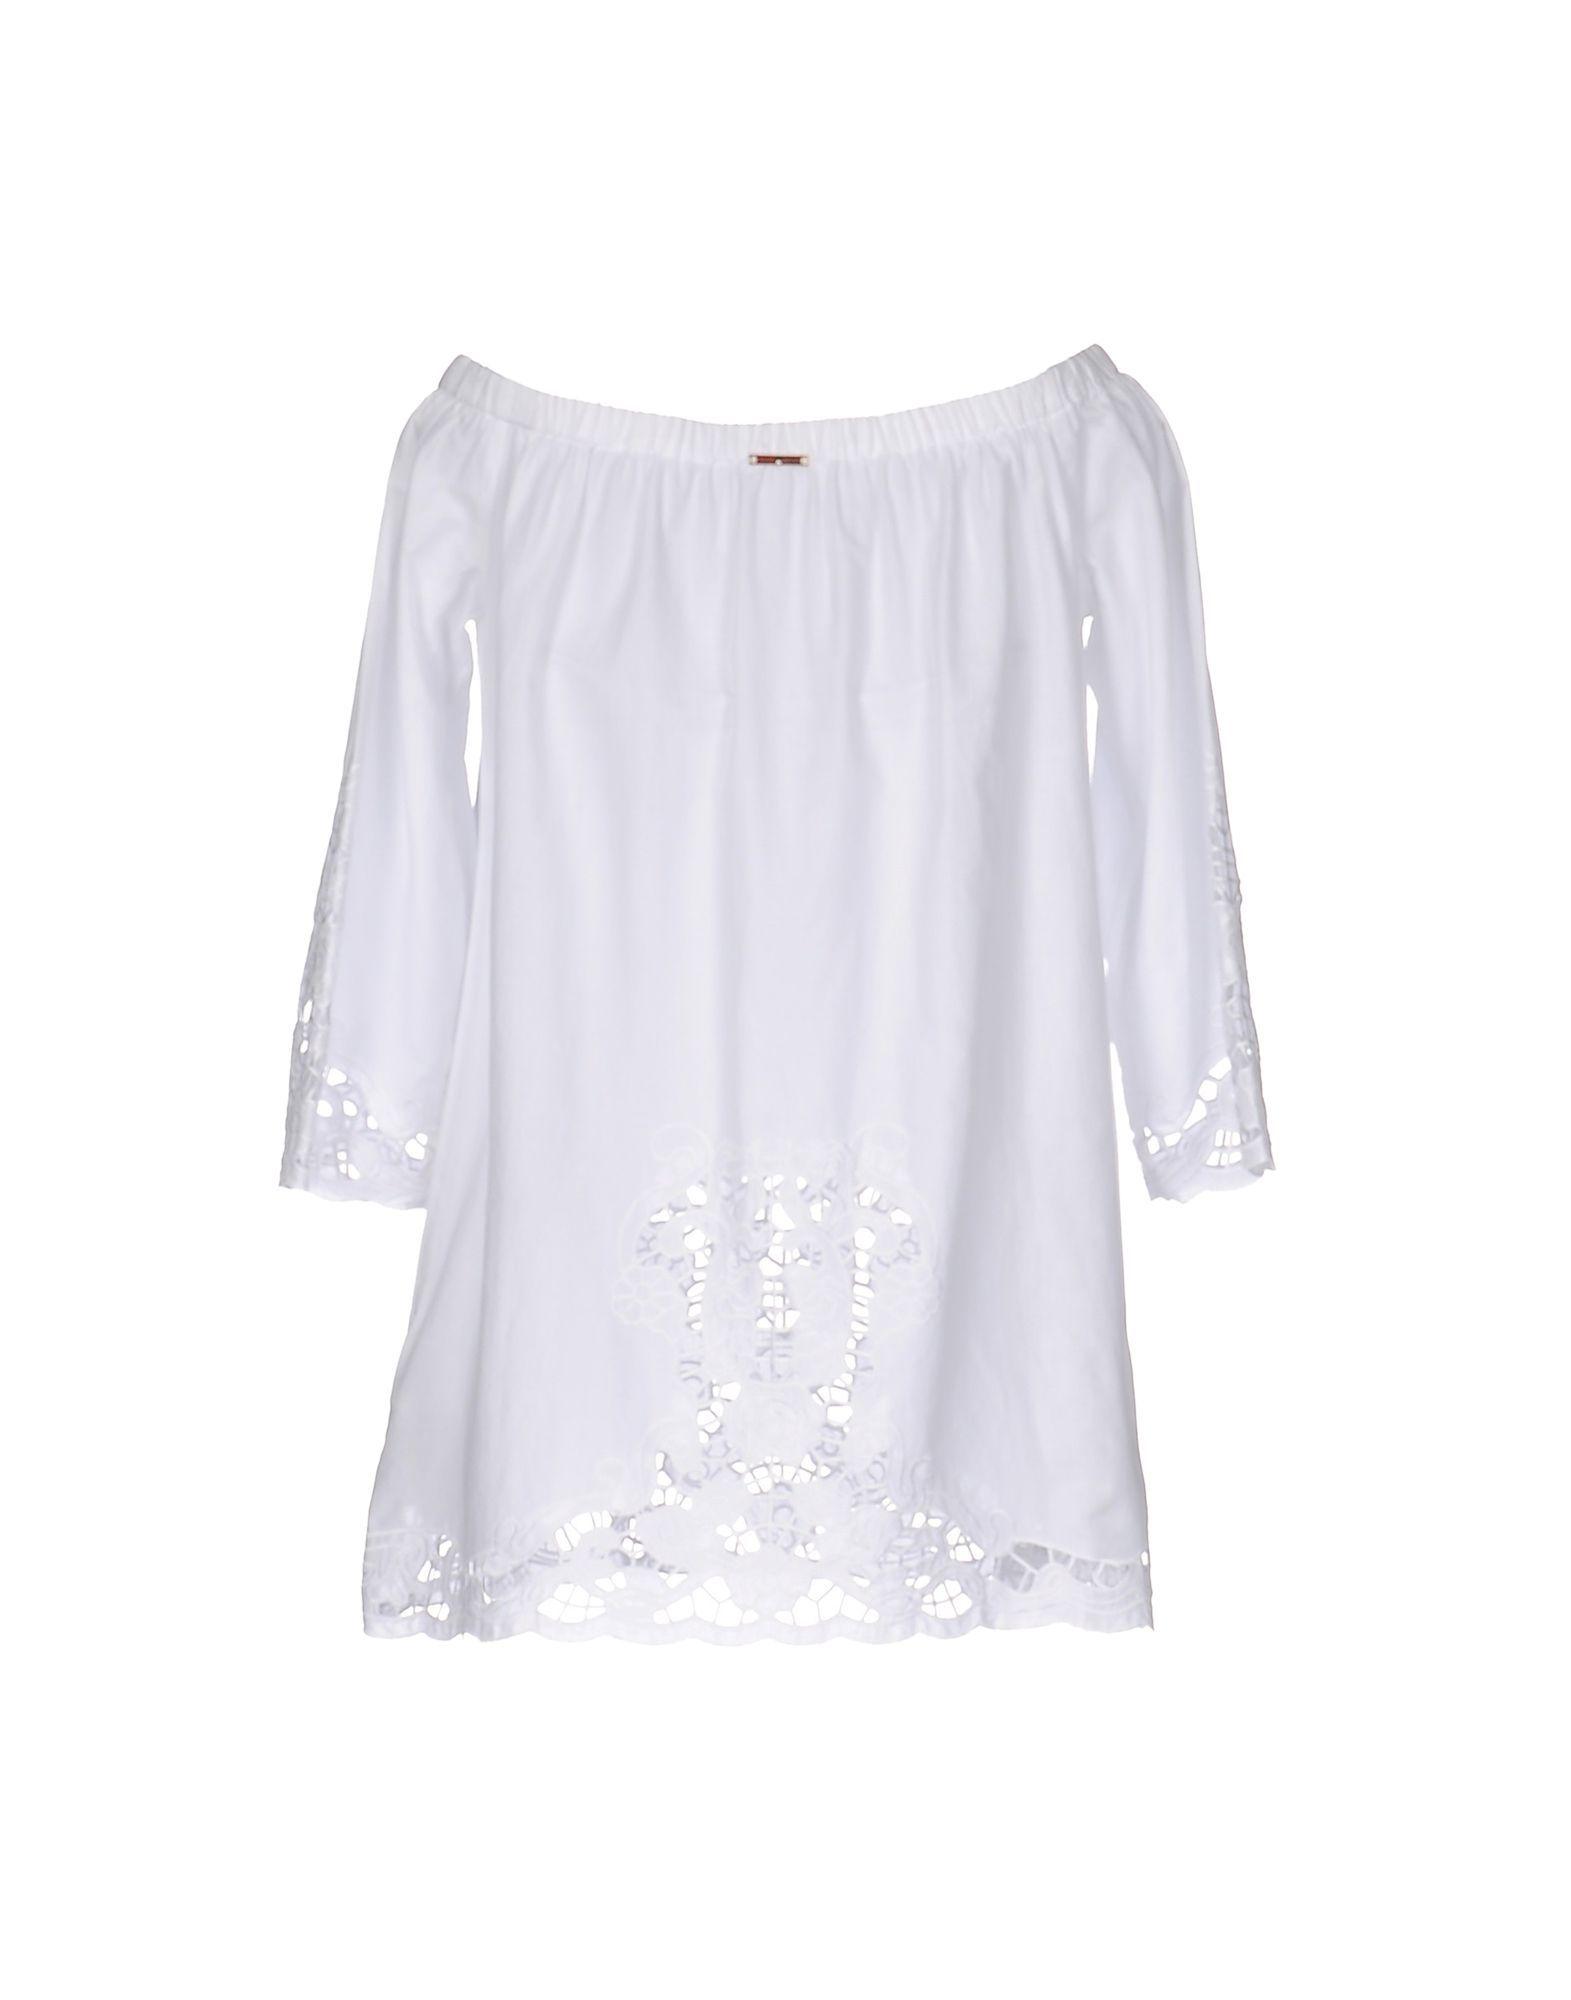 Liu Jo White Cotton Blouse